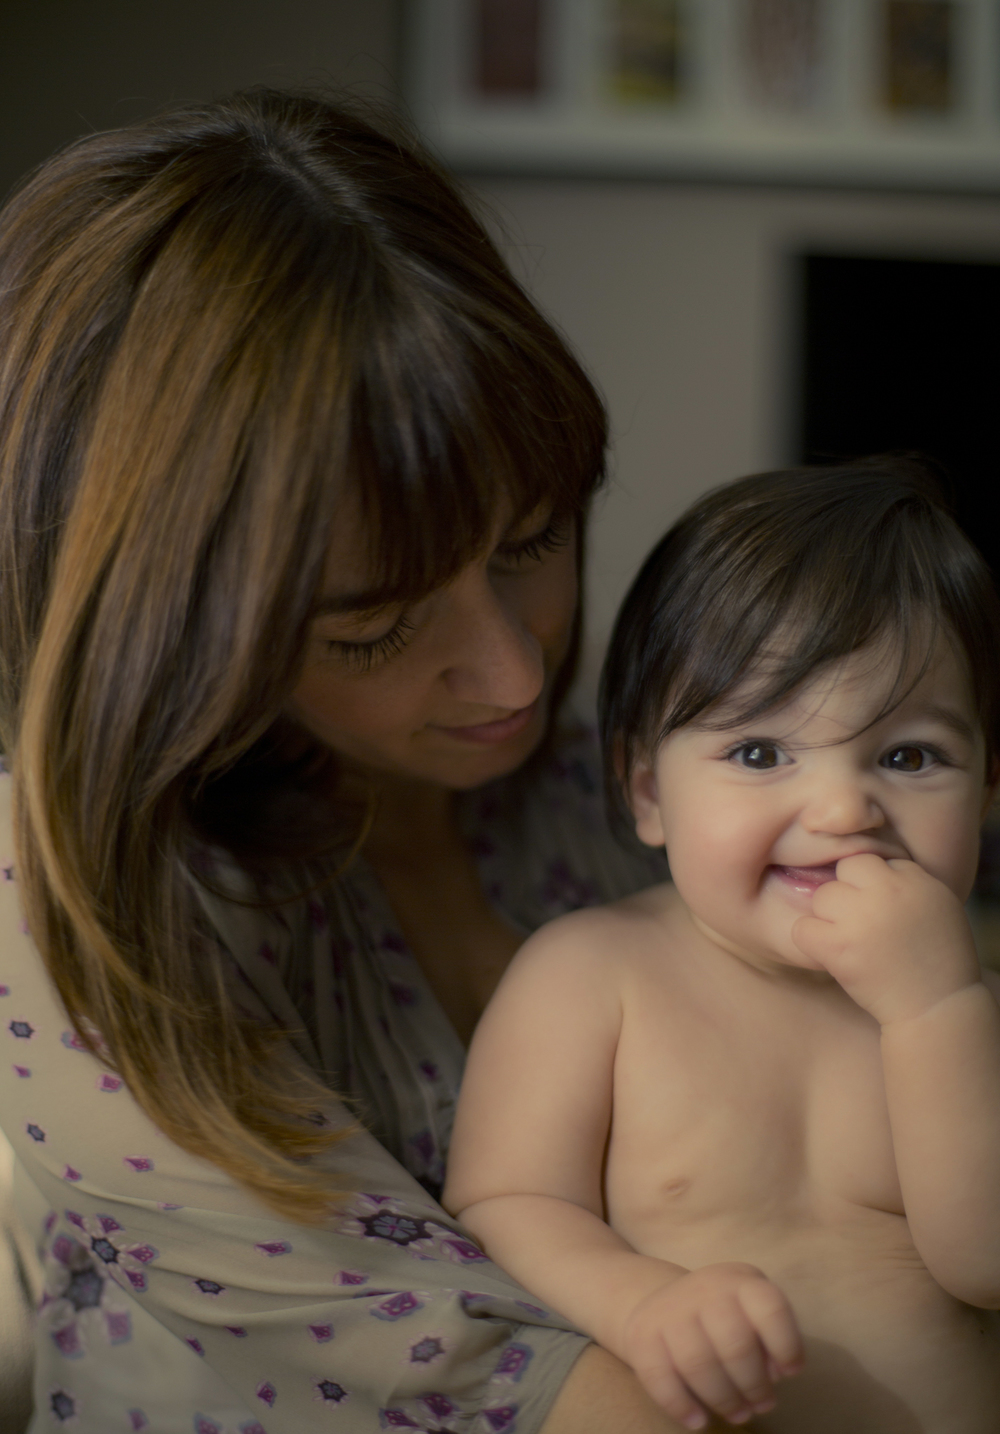 """""""...Για τις νέες μητέρες, ακολουθήστε το ένστικτο σας, έχετε υπομονή, τα παιδιά δεν χρειάζονται τίποτα περισσότερο από αγάπη..."""""""